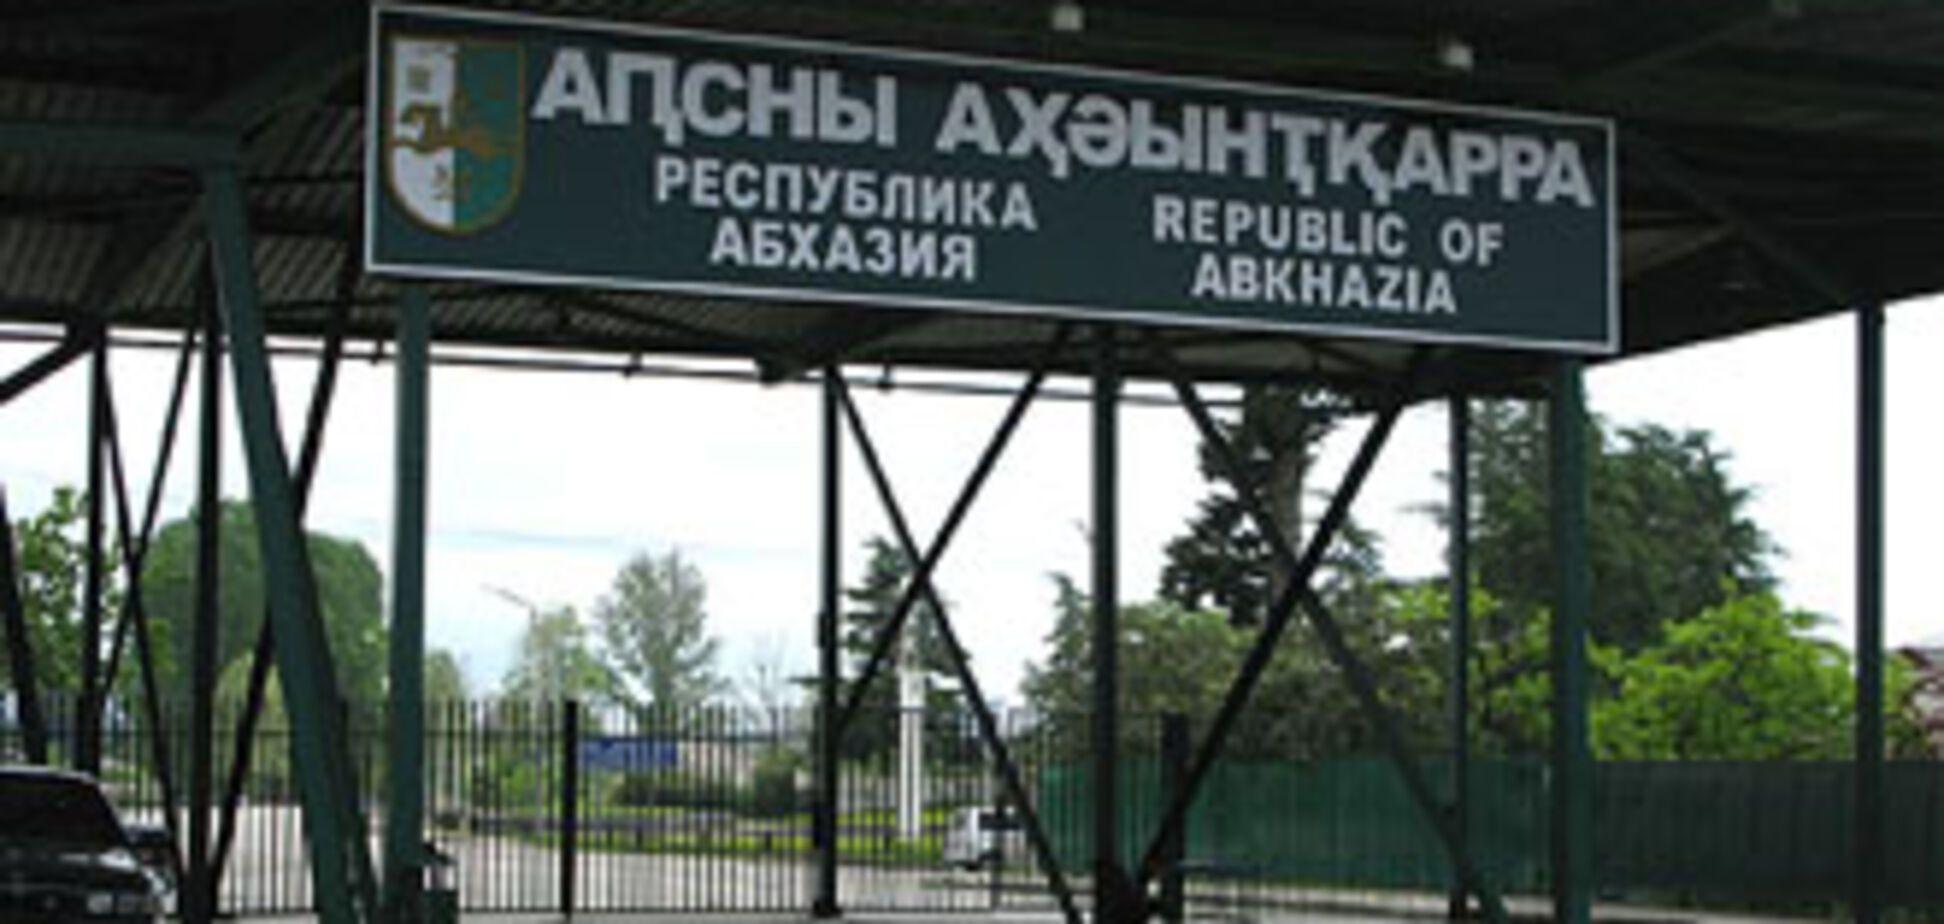 Украинцам советуют не ездить в Абхазию и Южную Осетию